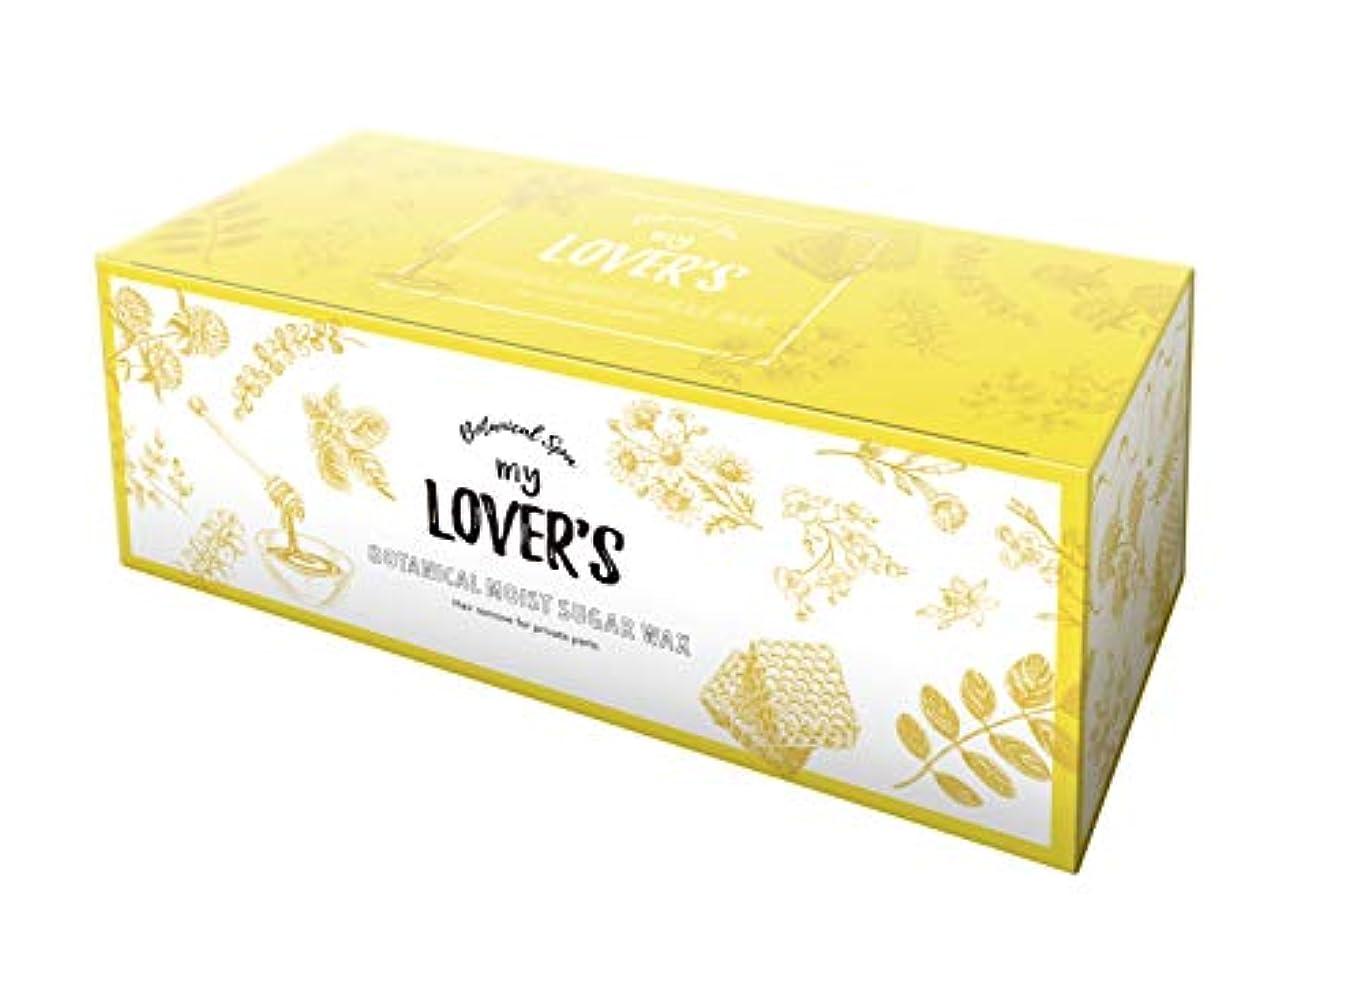 記憶に残る靄トランペットMy Lover's my LOVER'S ボタニカルモイストシュガーワックス 1コ入 4589805610042